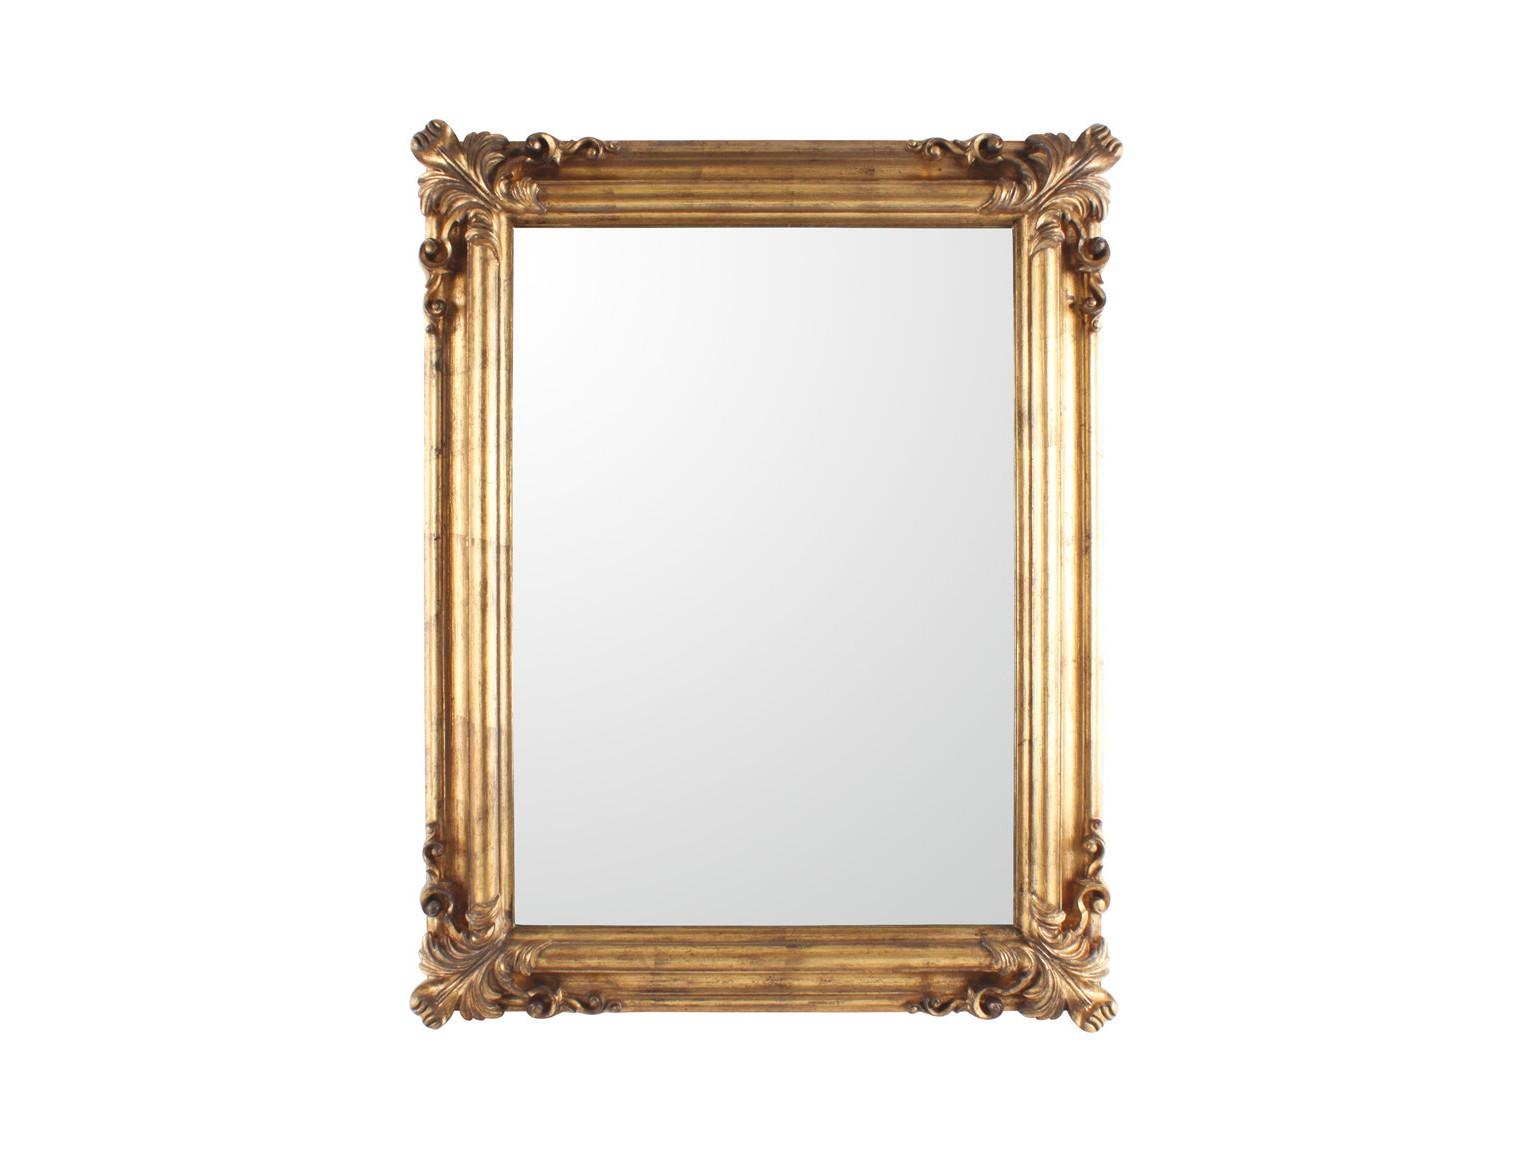 Зеркало настенное FlamelaНастенные зеркала<br><br><br>Material: Полистоун<br>Width см: 70<br>Depth см: 5<br>Height см: 90